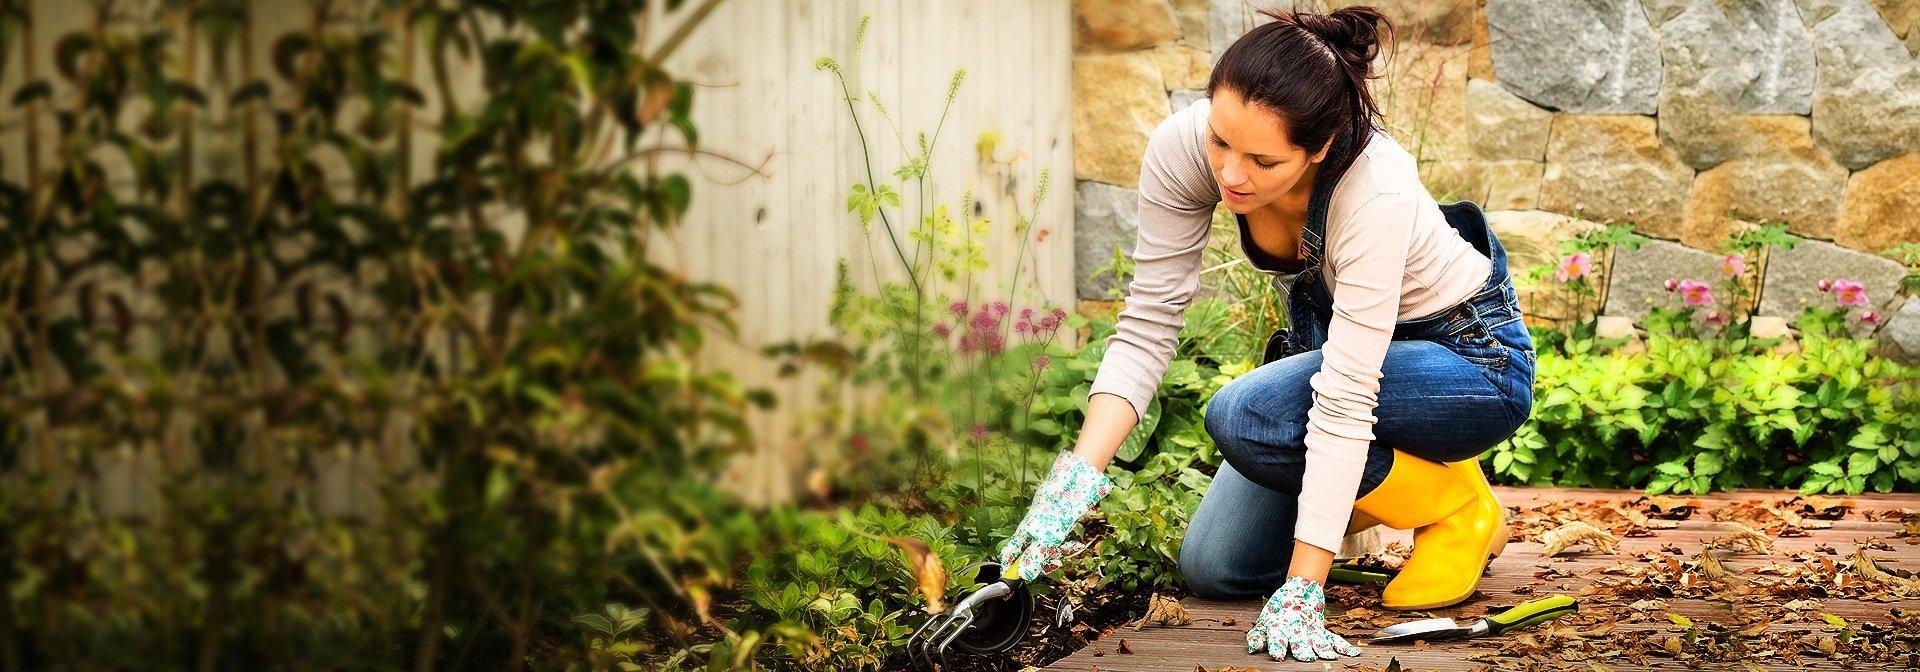 Качествено озеленяване на градини